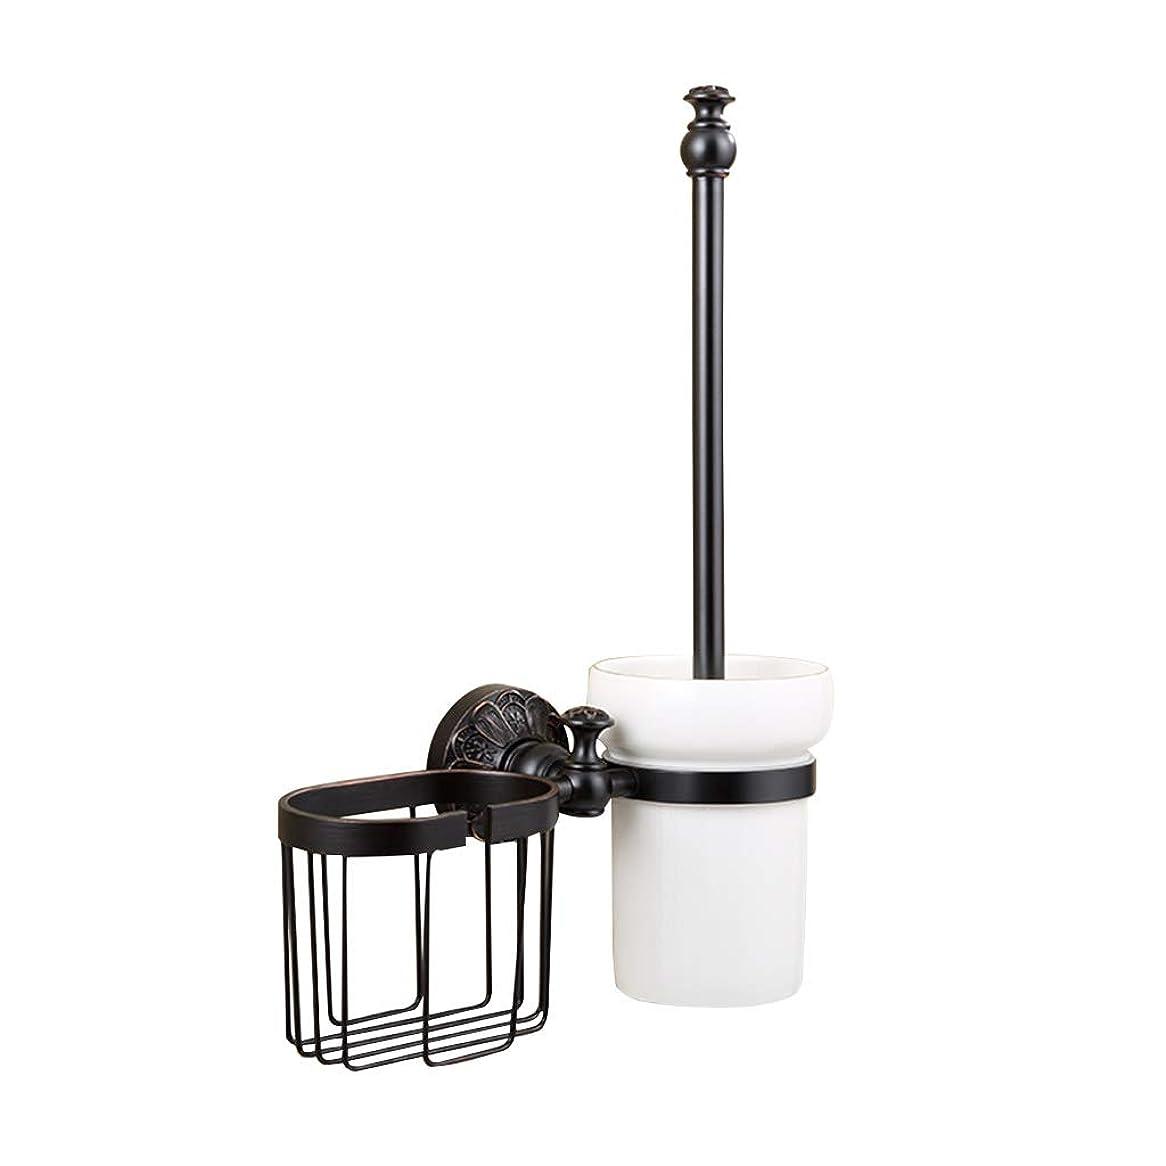 効率的冷笑する病院Fbwl トイレのブラシ トイレブラシとホルダー - 壁掛け式真鍮製家庭用トイレクリーニングセット、高さ25.5×38 cm (色 : ゴールド)